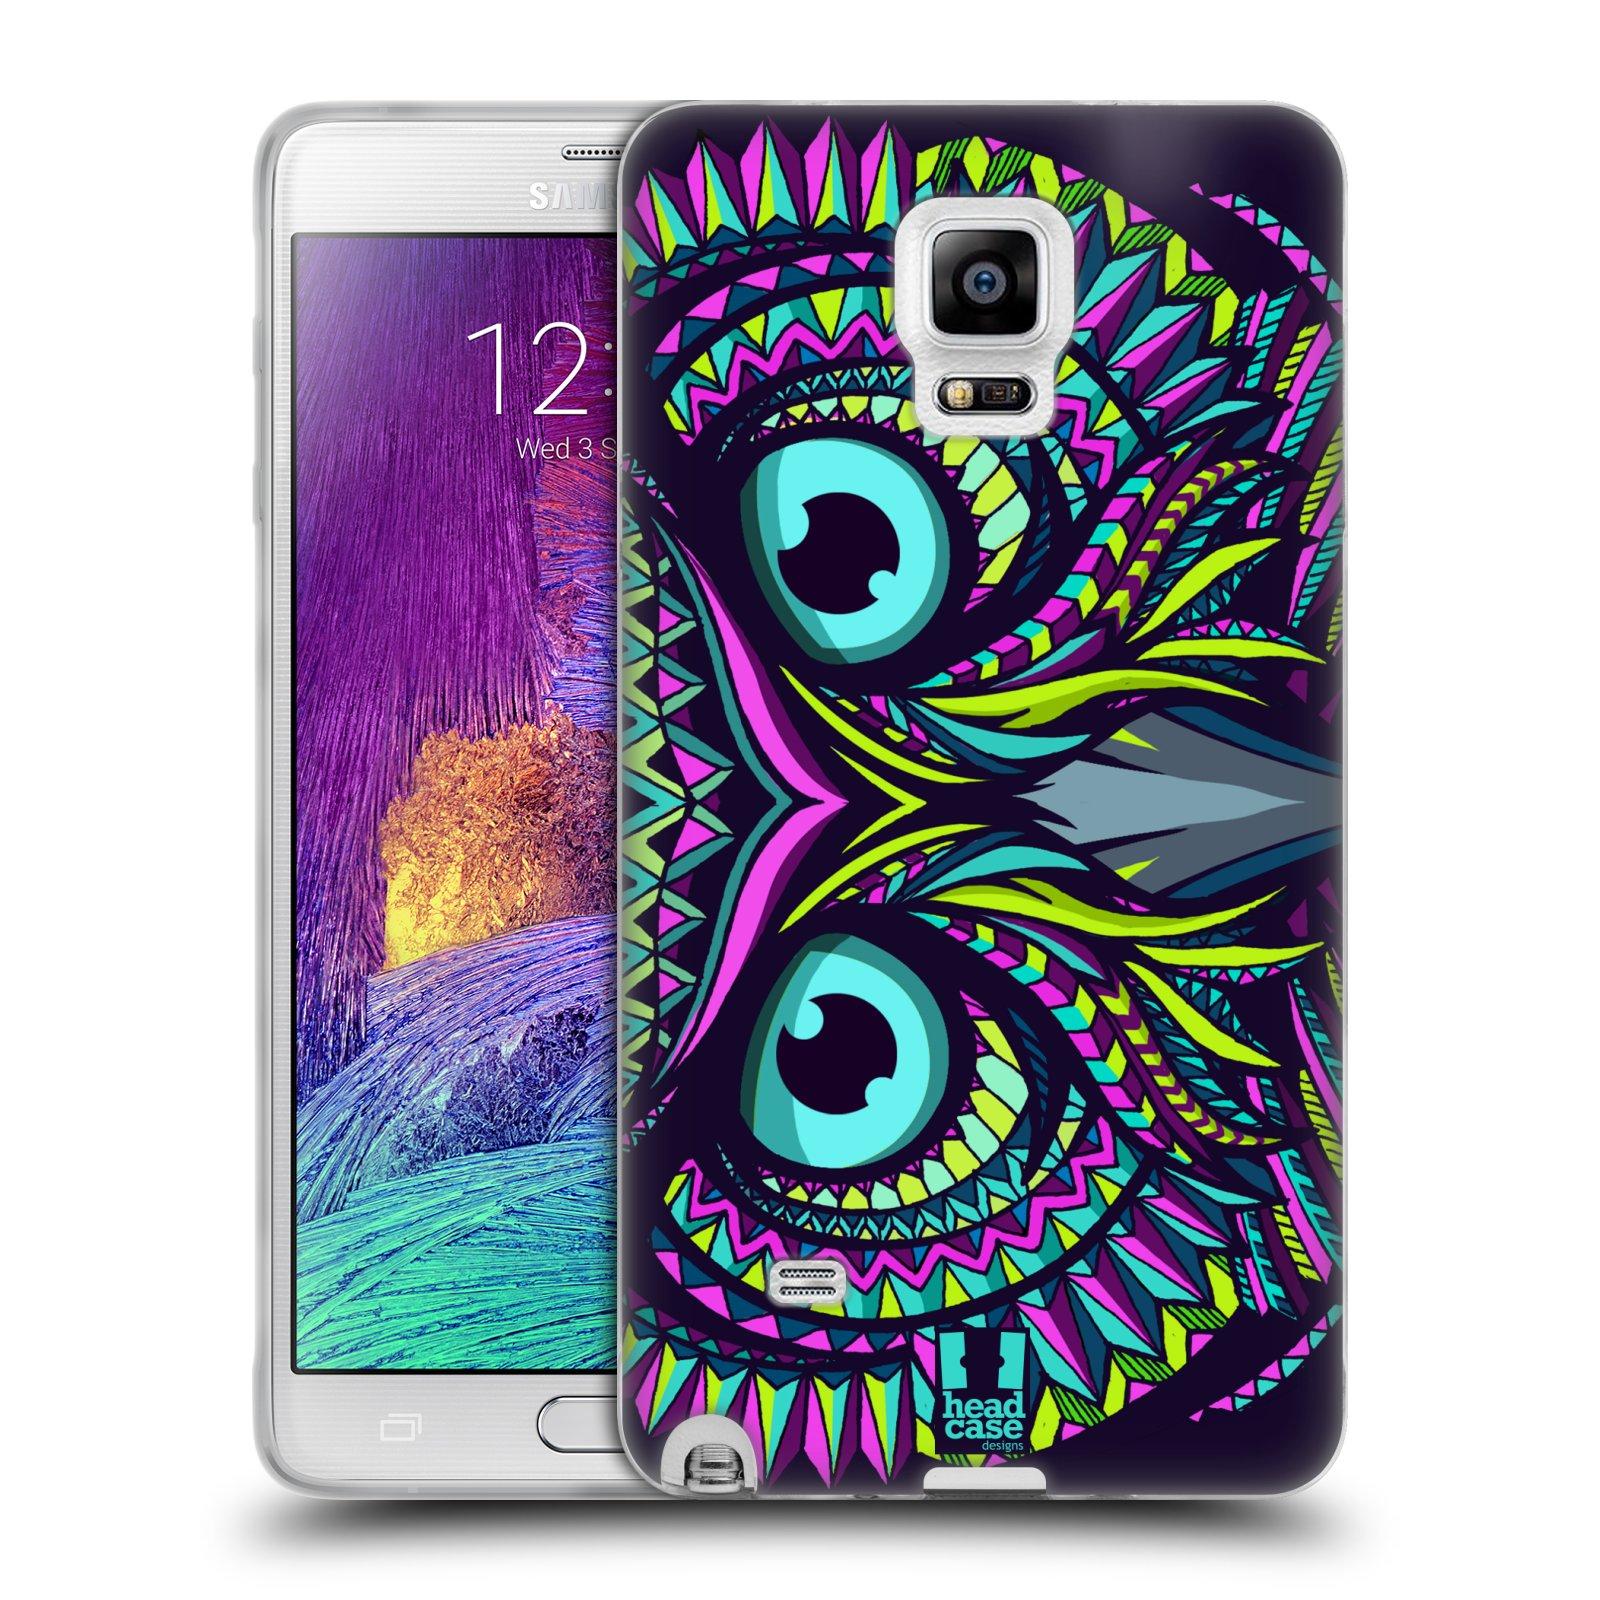 Silikonové pouzdro na mobil Samsung Galaxy Note 4 HEAD CASE AZTEC SOVA (Silikonový kryt či obal na mobilní telefon Samsung Galaxy Note 4 SM-N910F)